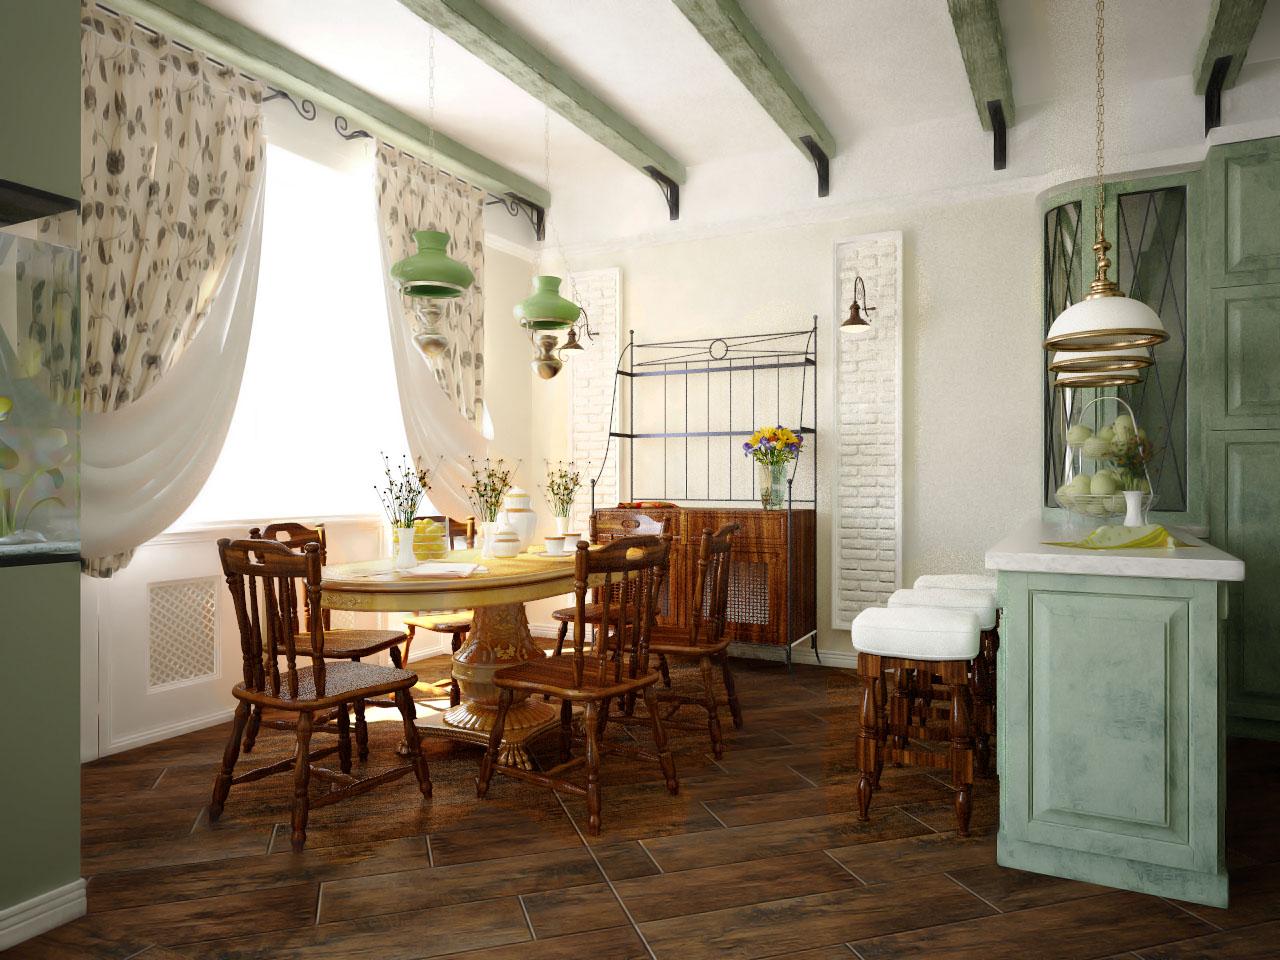 Как оформить интерьер дома в деревенском стиле кантри